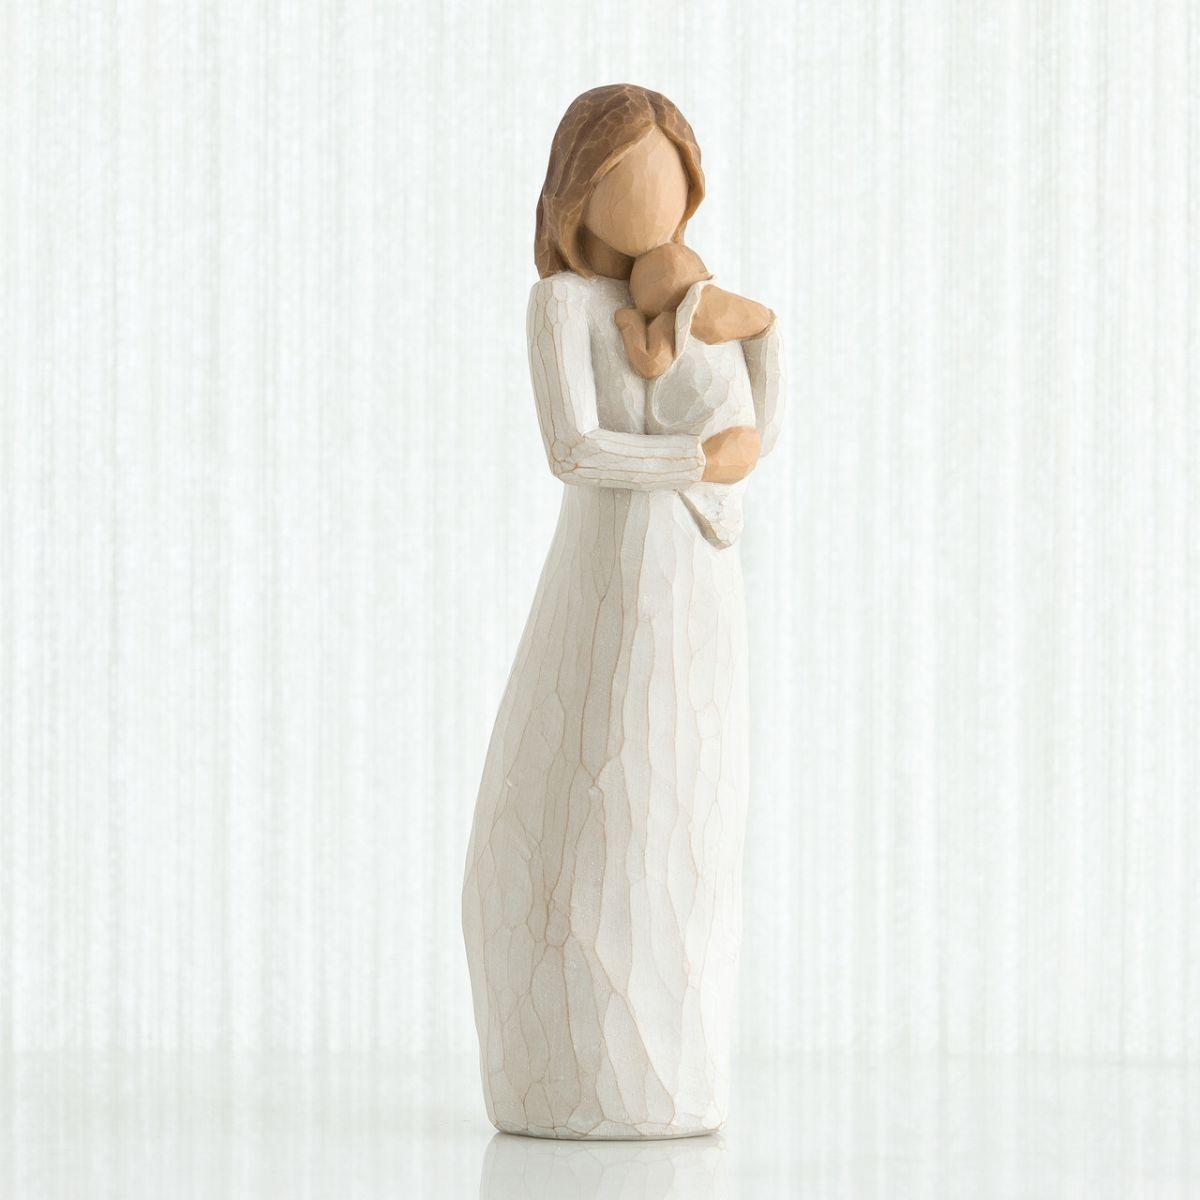 ウィローツリー彫像 【Angel of Mine】 - 私の天使